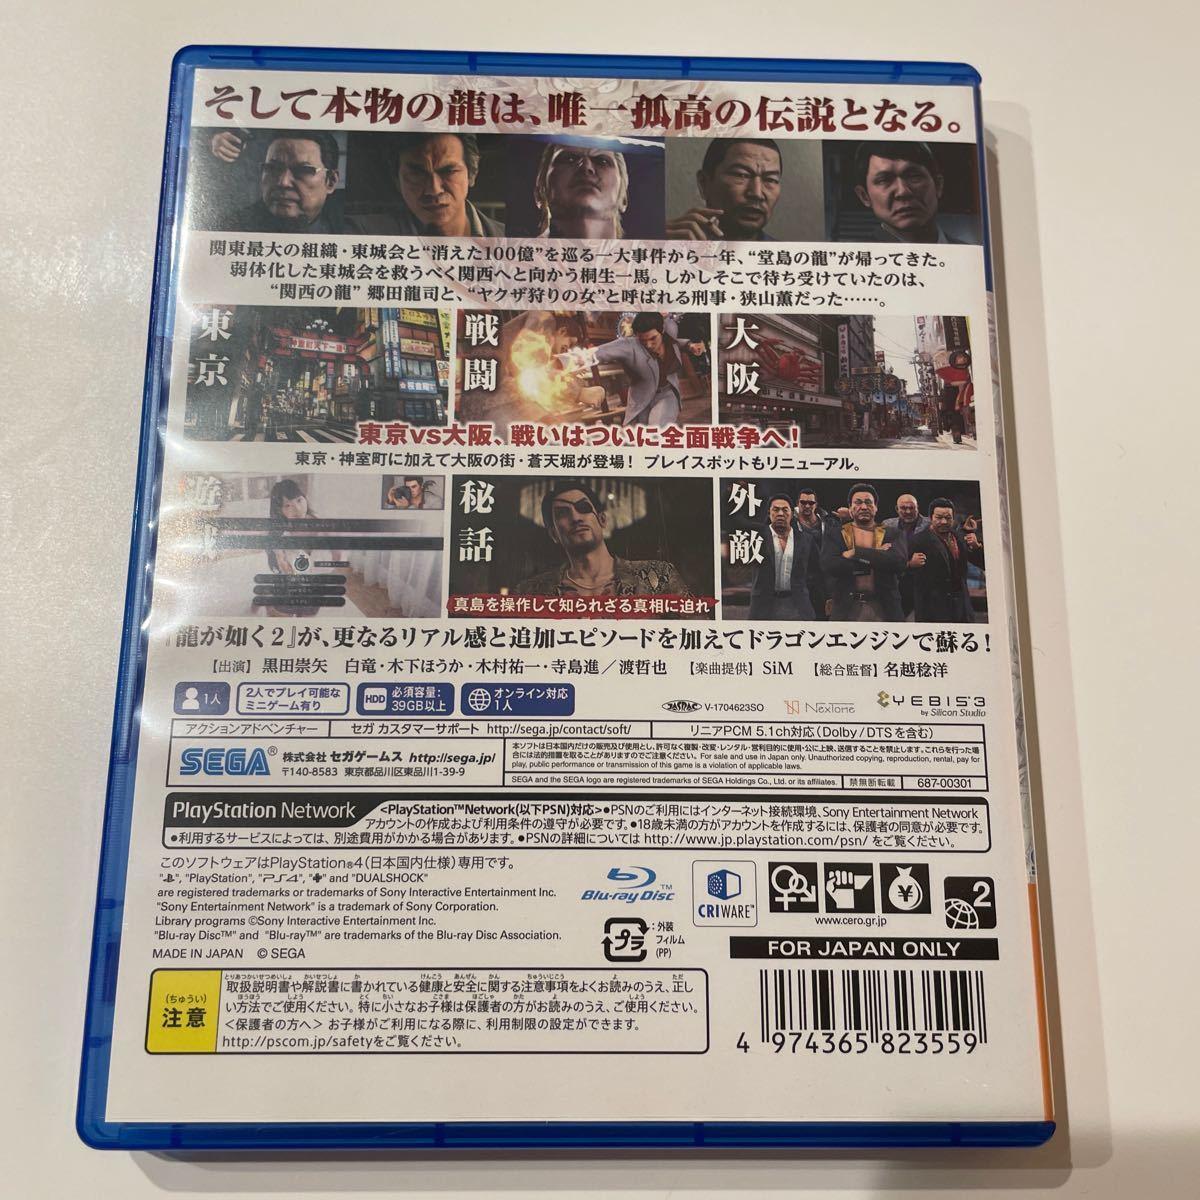 龍が如く 極2 PS4 説明書付き